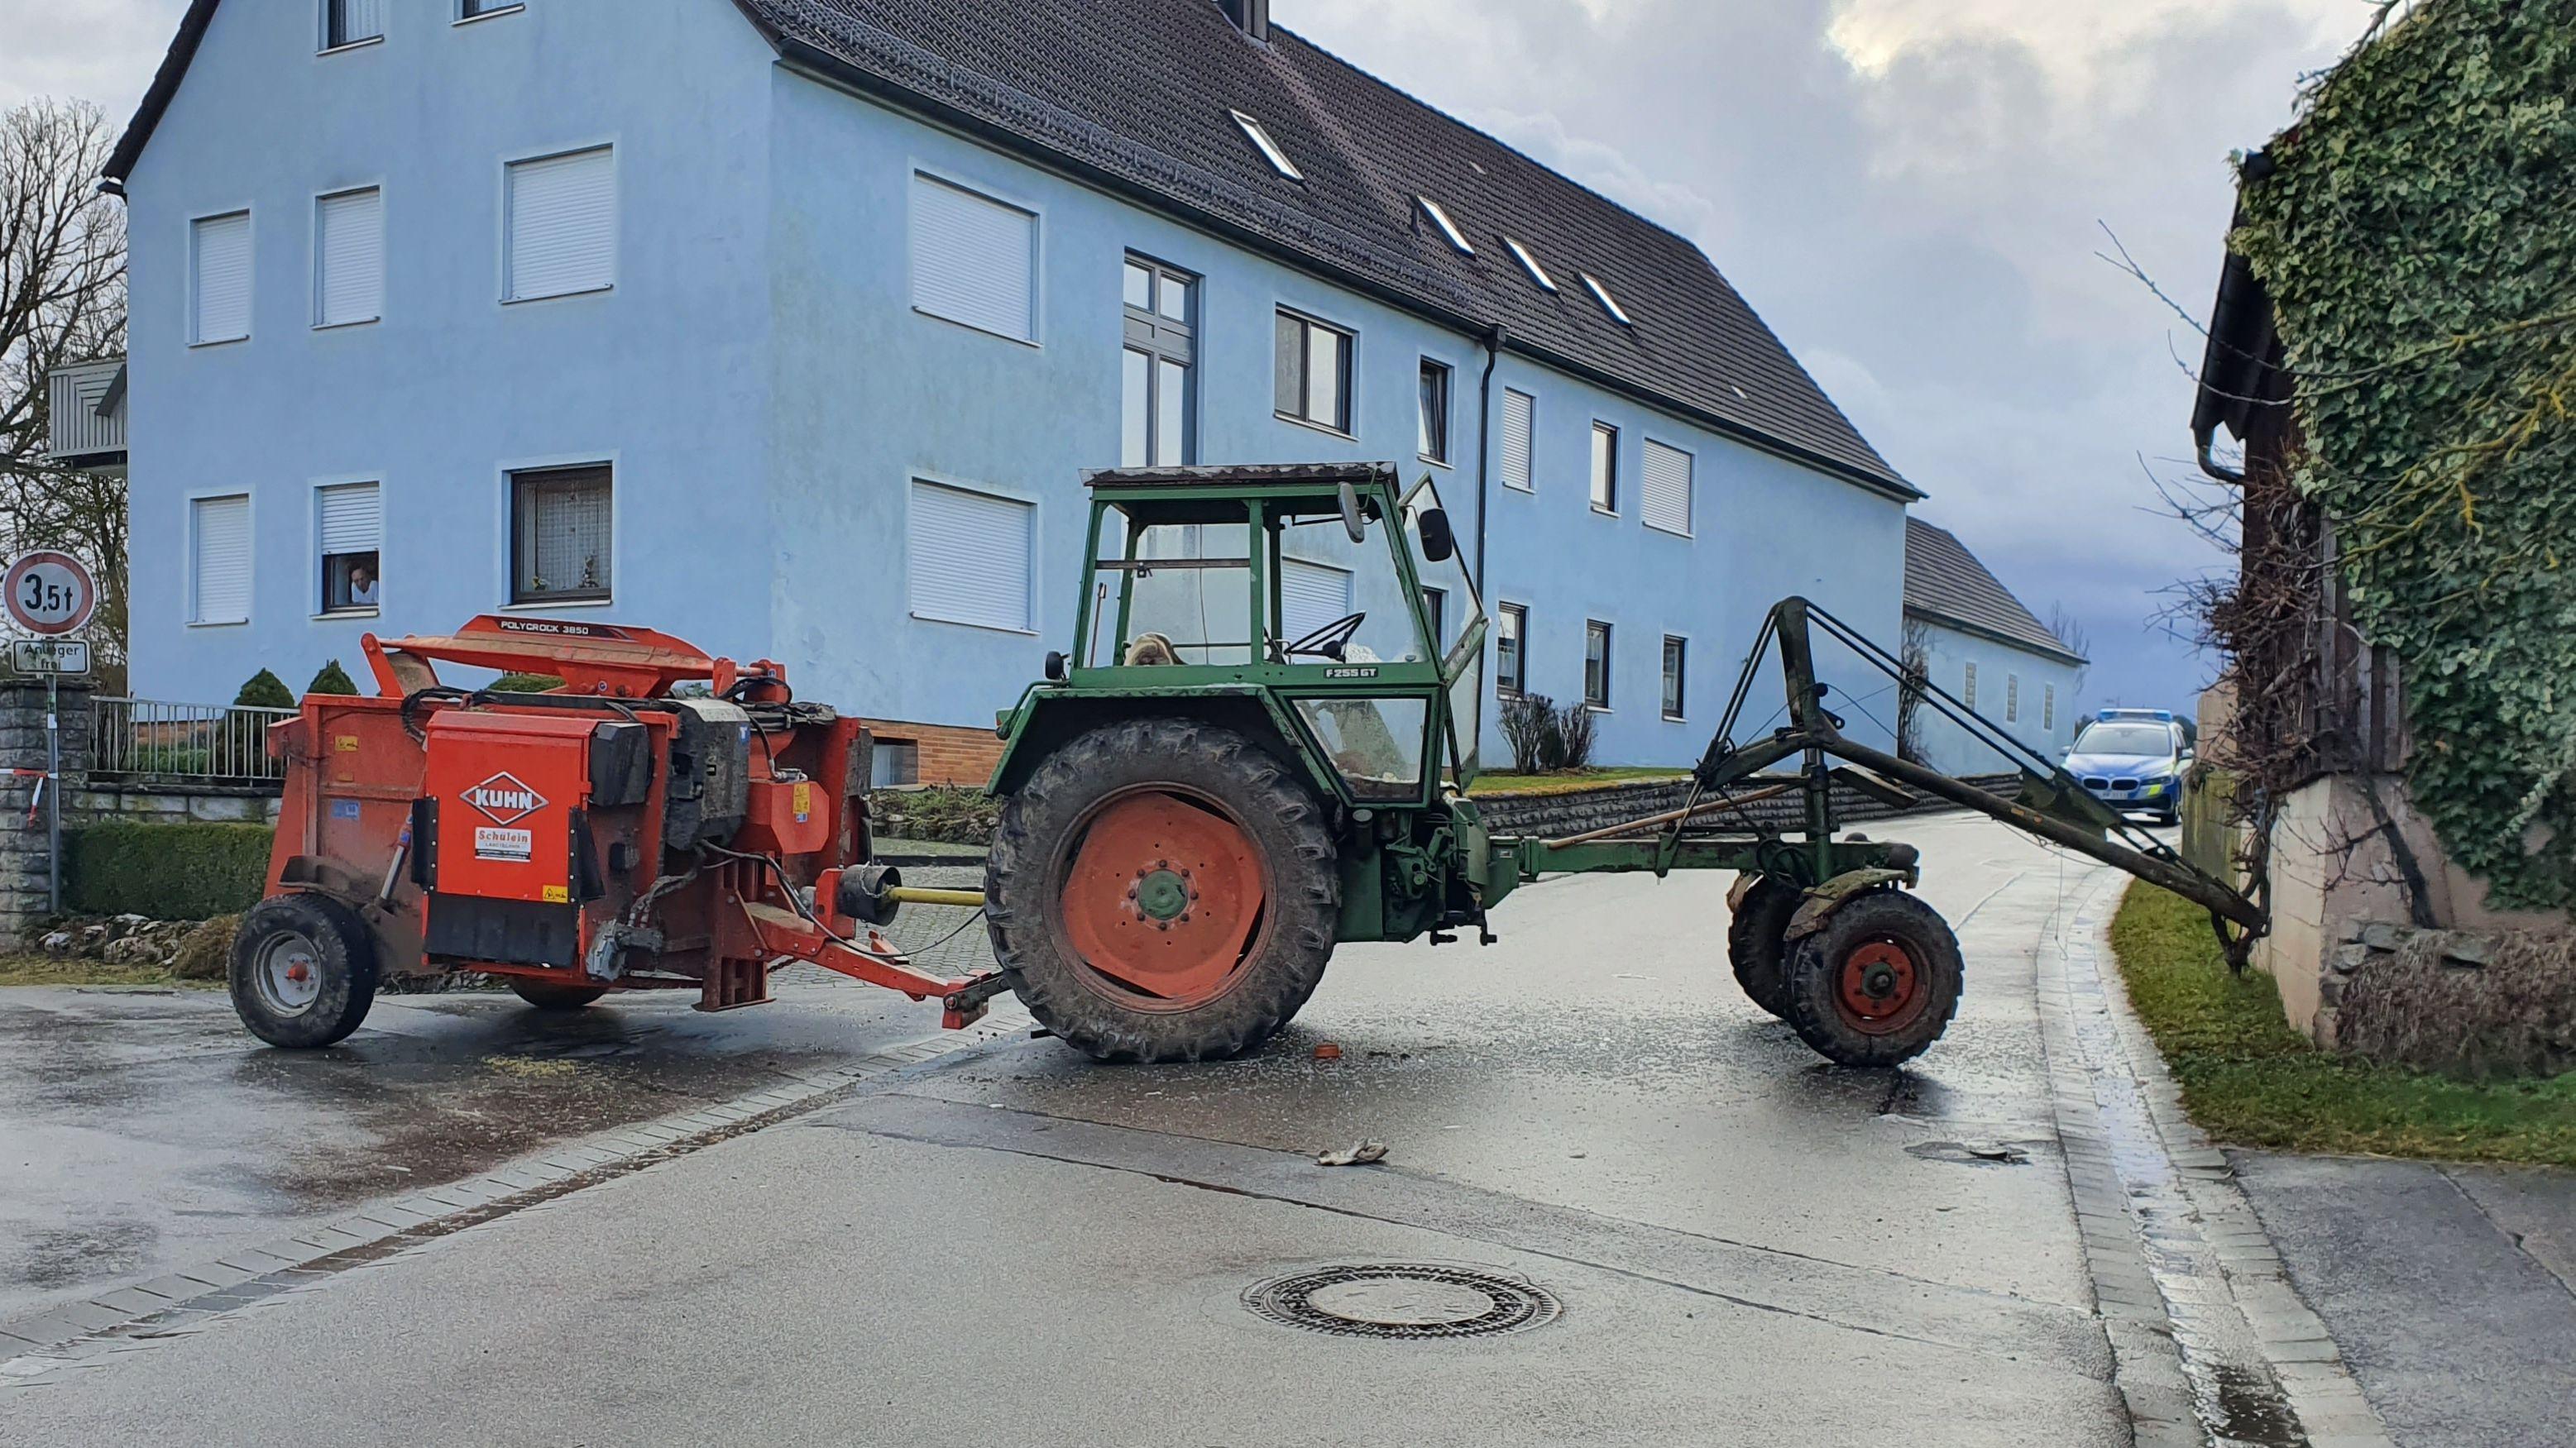 Ein Traktor samt Anhänger steht quer auf der Straße